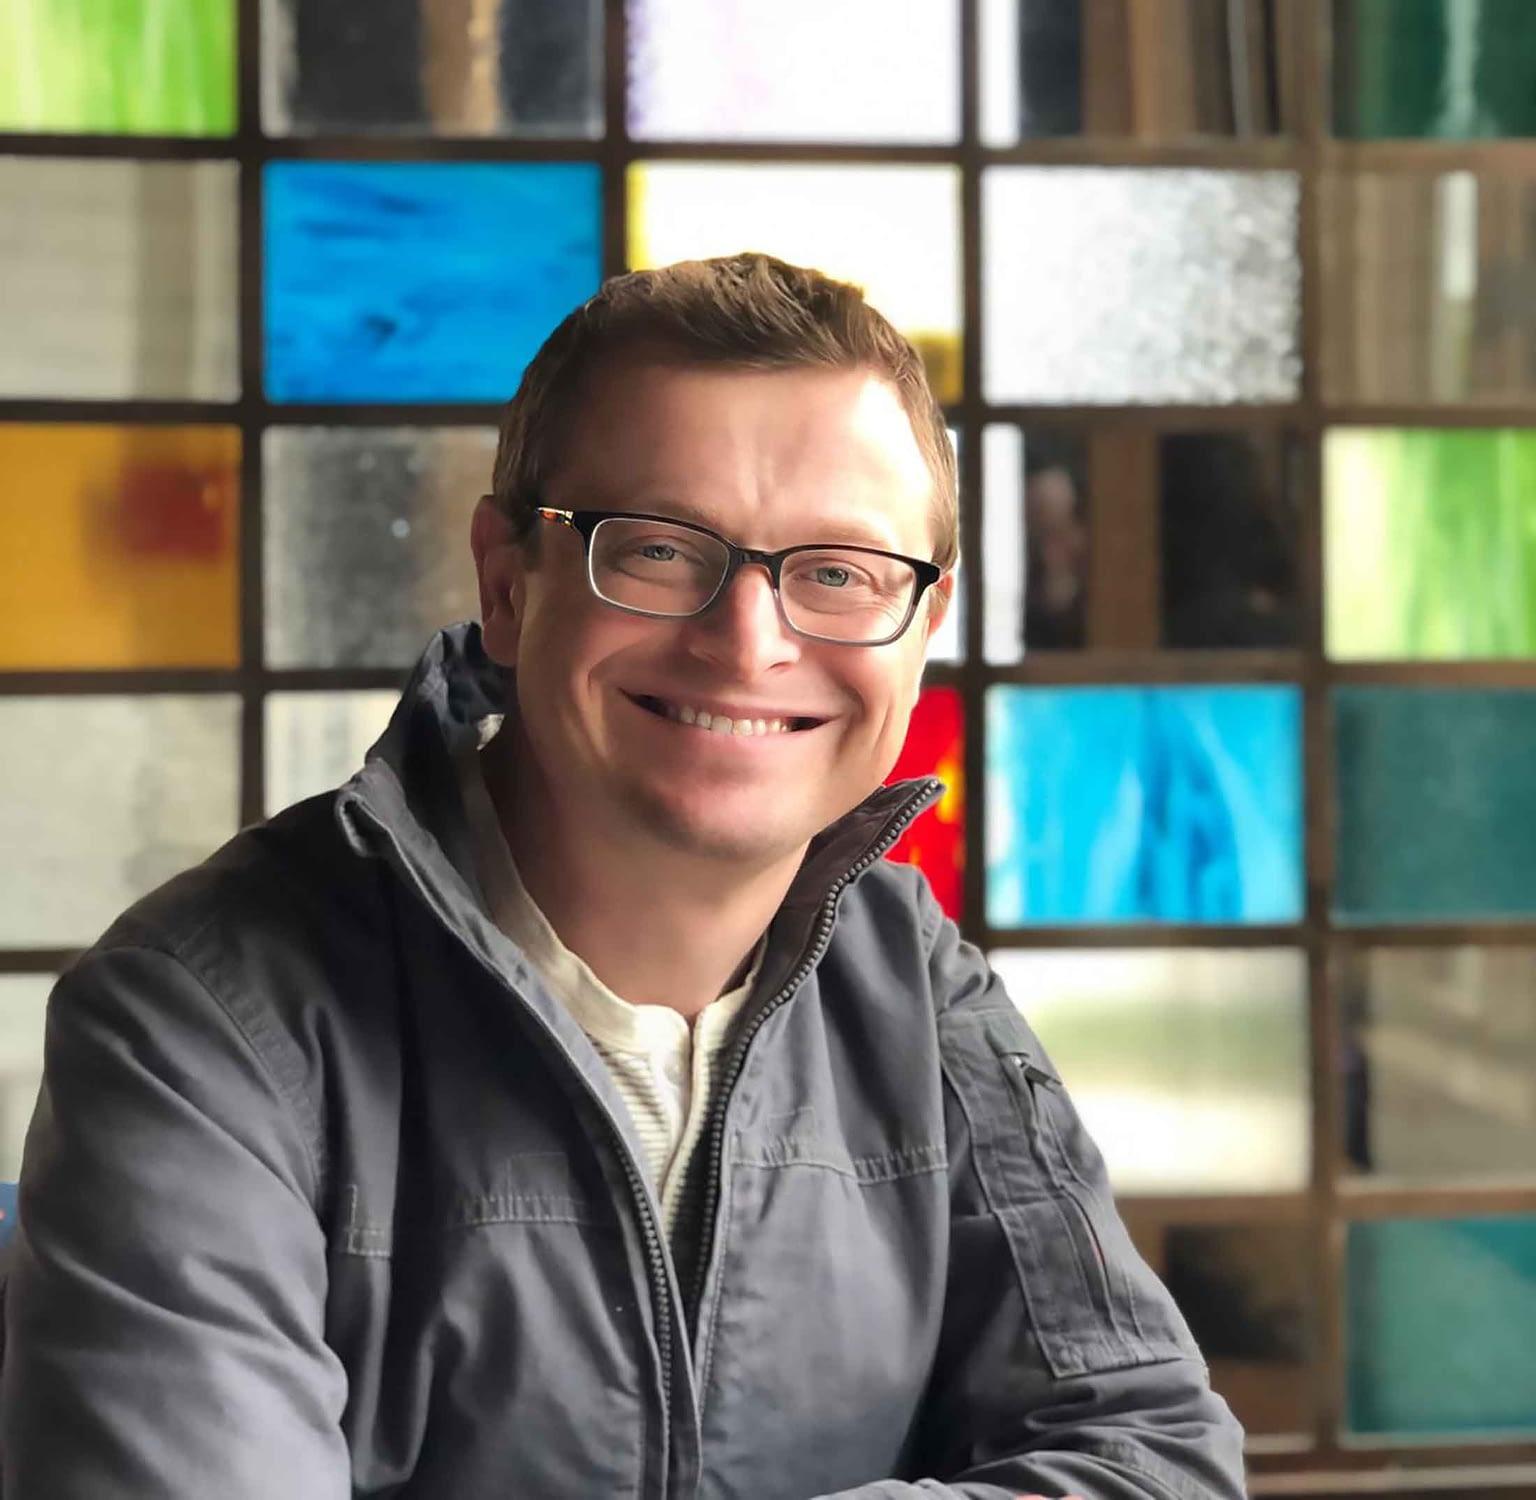 Dr. Ben Hanson